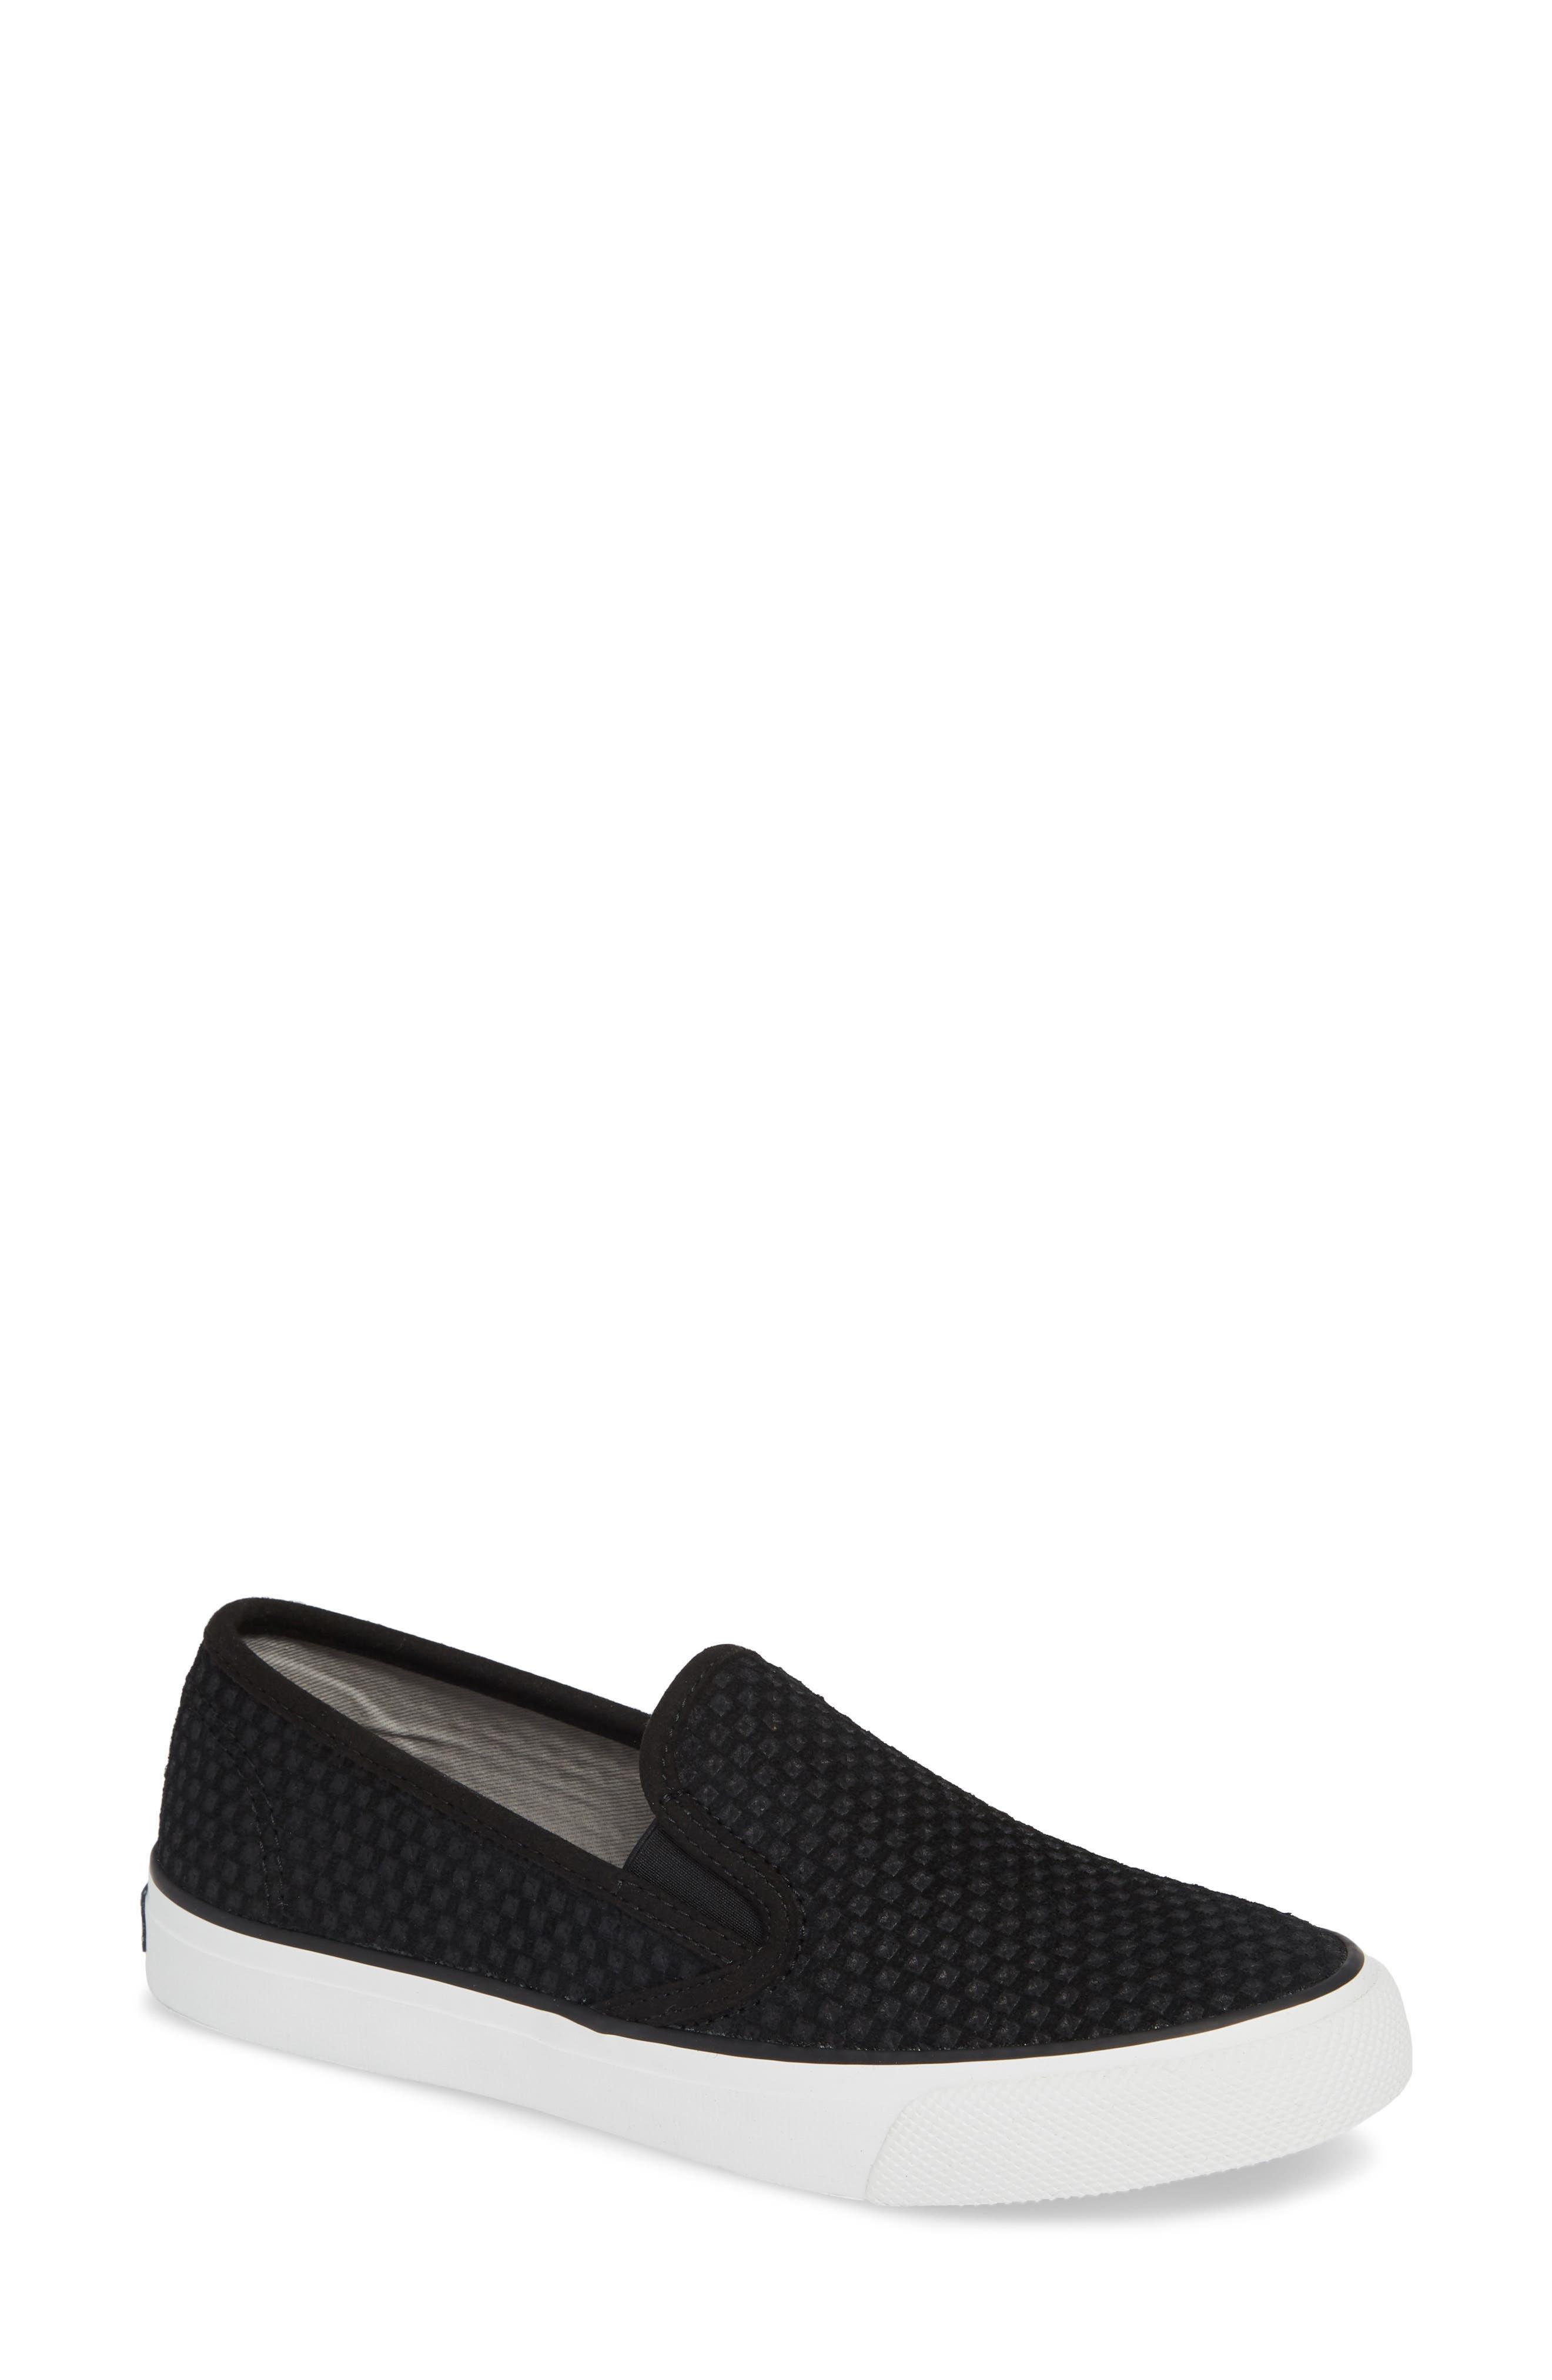 SPERRY Seaside Embossed Slip-On Sneaker, Main, color, BLACK CANVAS